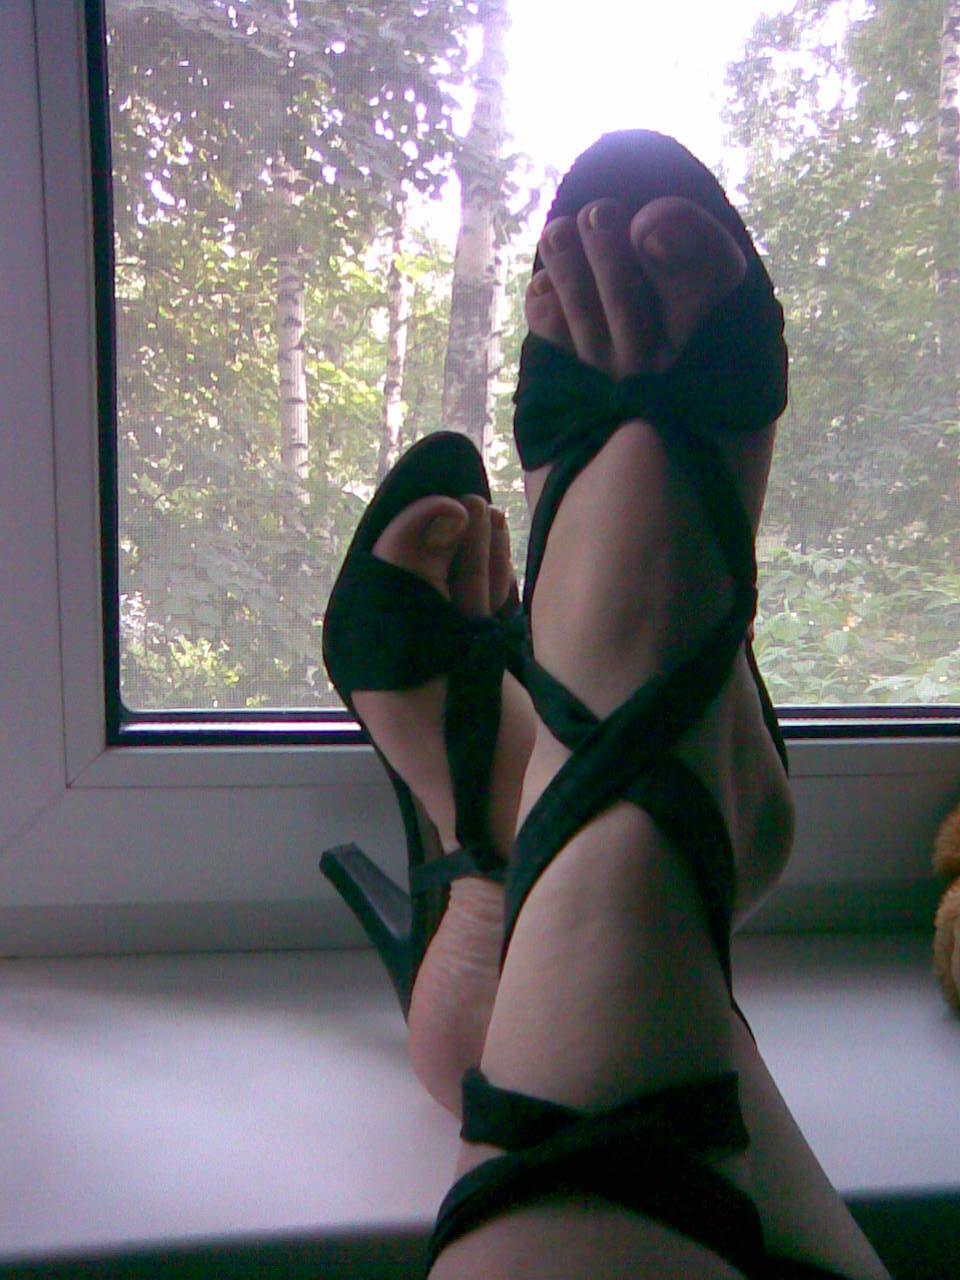 С ума схожу от женских ног 7 фотография